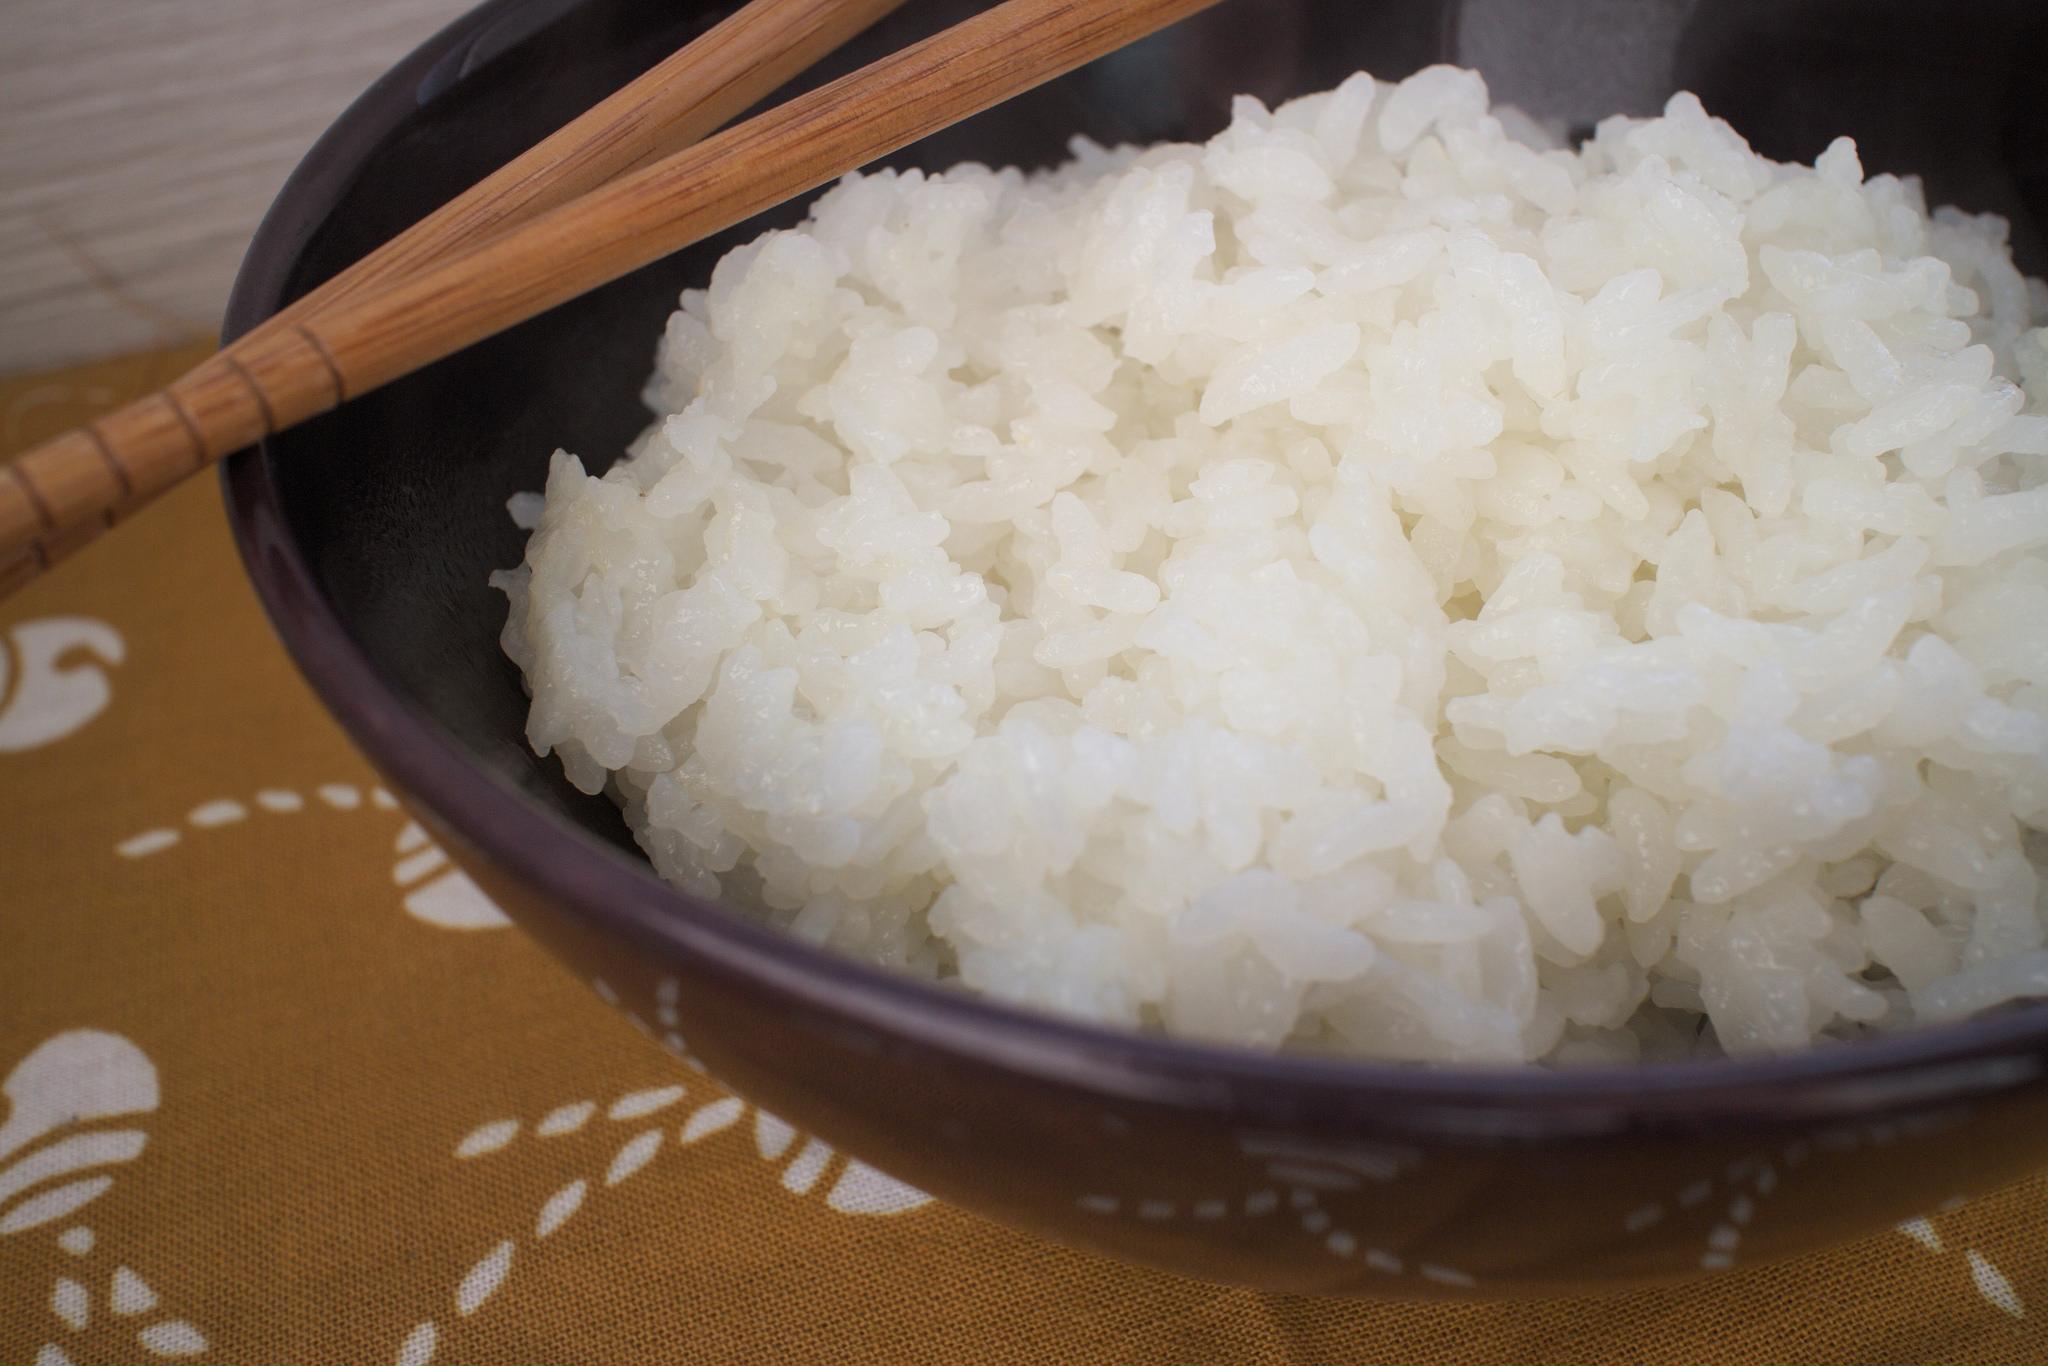 sushi reis kochen eine anleitung f r die zubereitung von japanischen reis the hangry stories. Black Bedroom Furniture Sets. Home Design Ideas